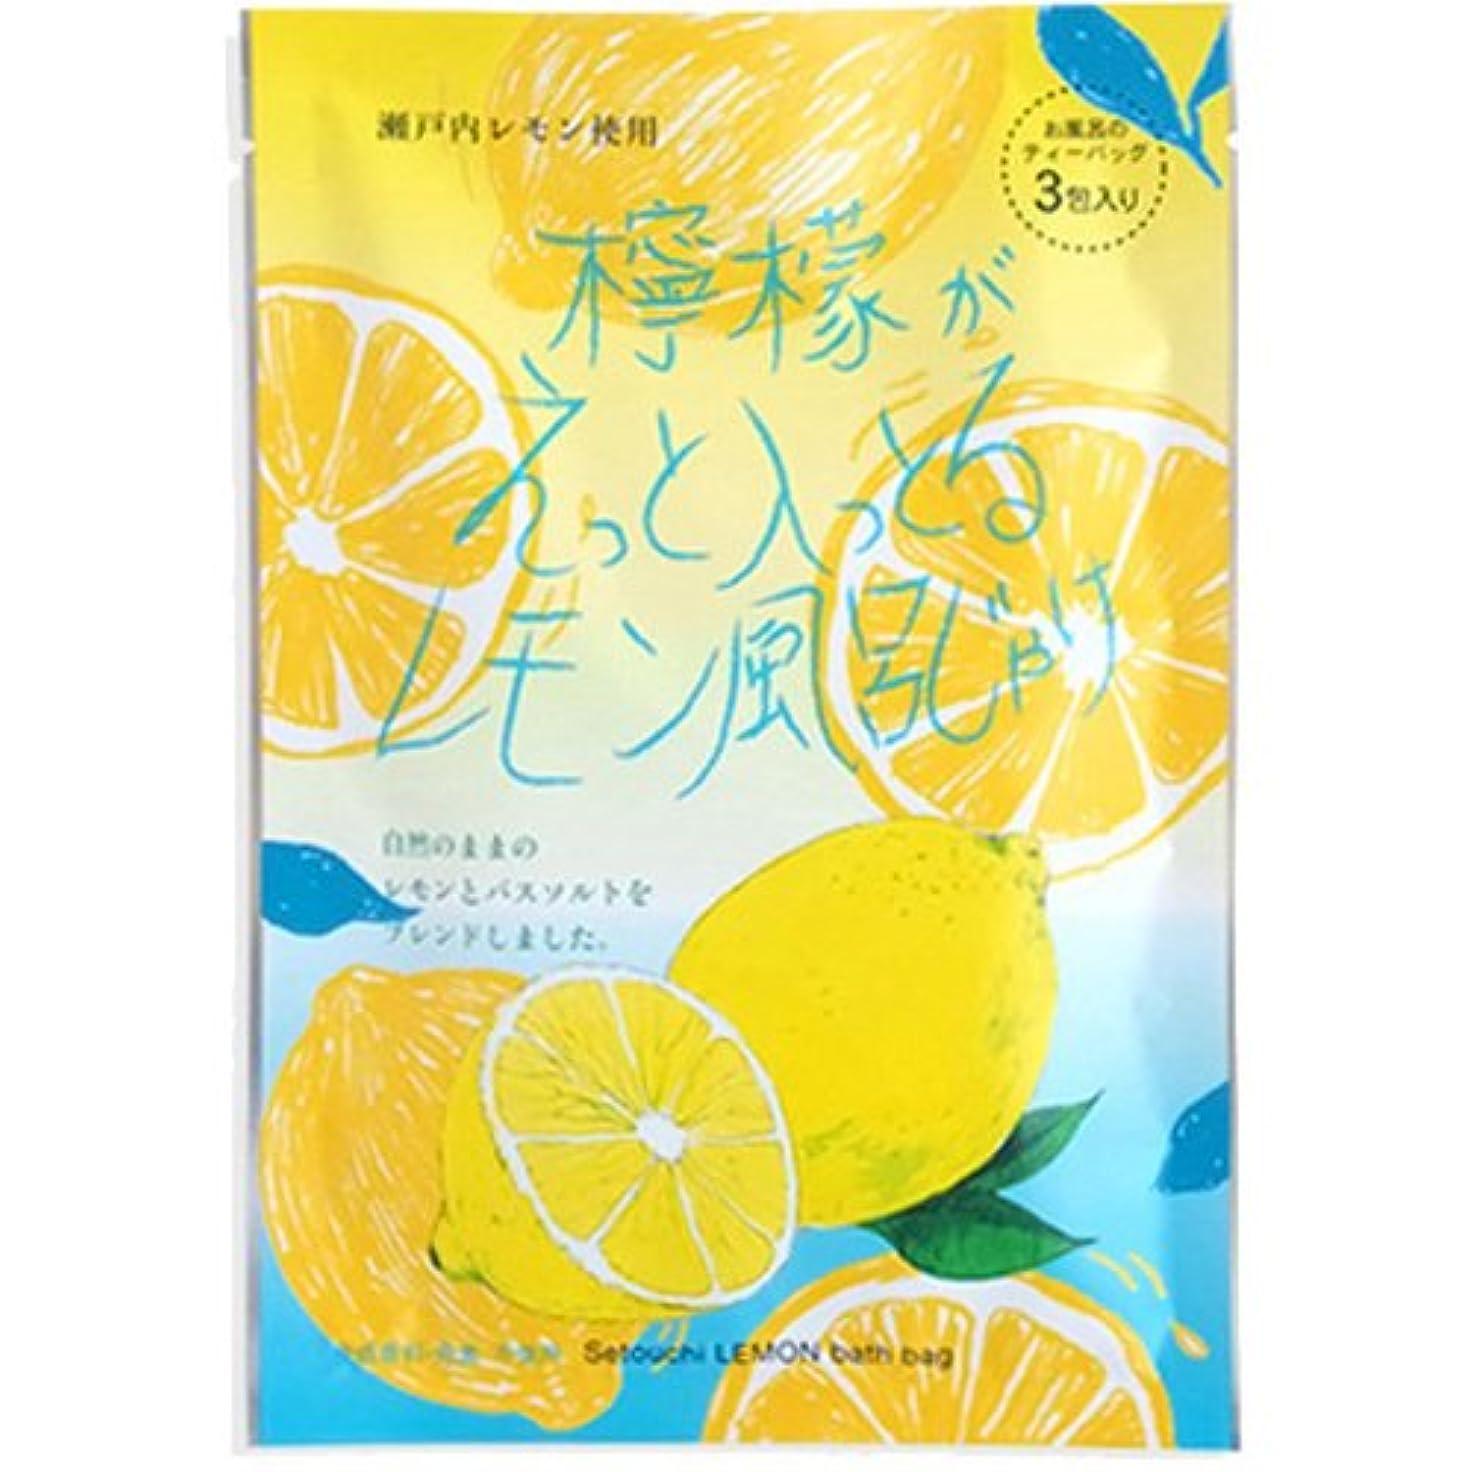 論理的に幅爆風檸檬がえっと入っとるレモン風呂じゃけ